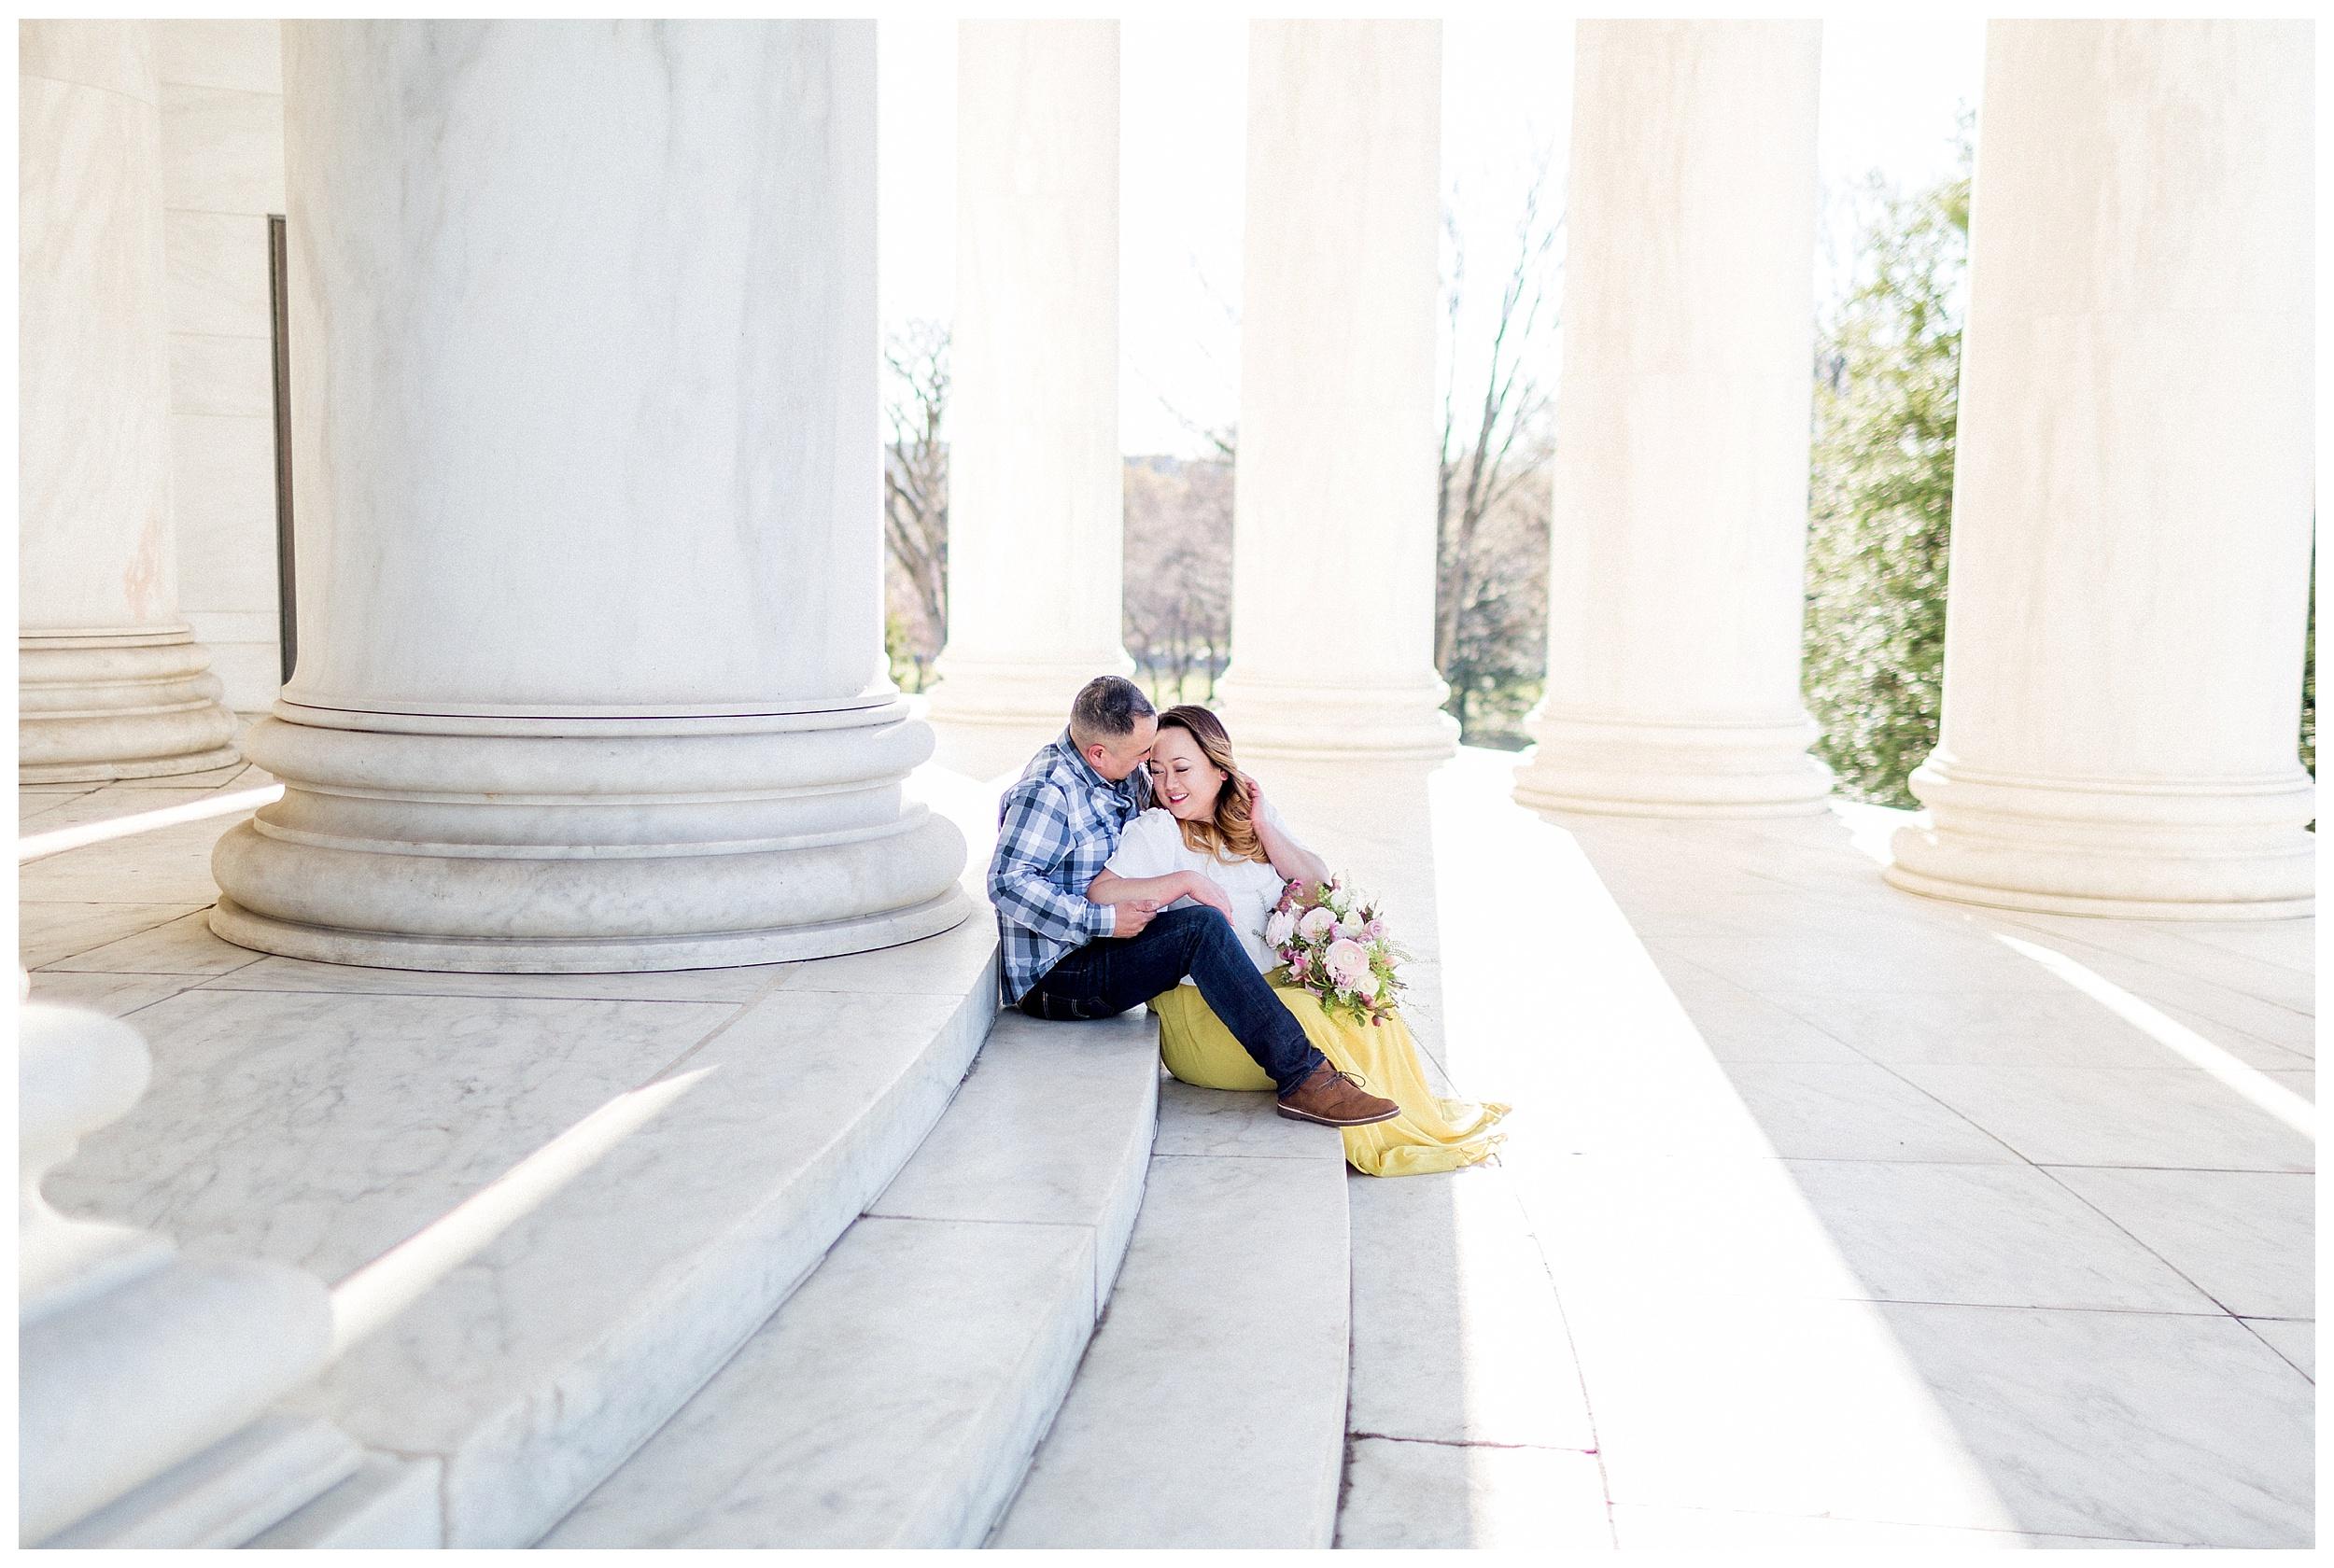 Washington DC Engagement Photos | Thomas Jefferson Engagement Session_0032.jpg